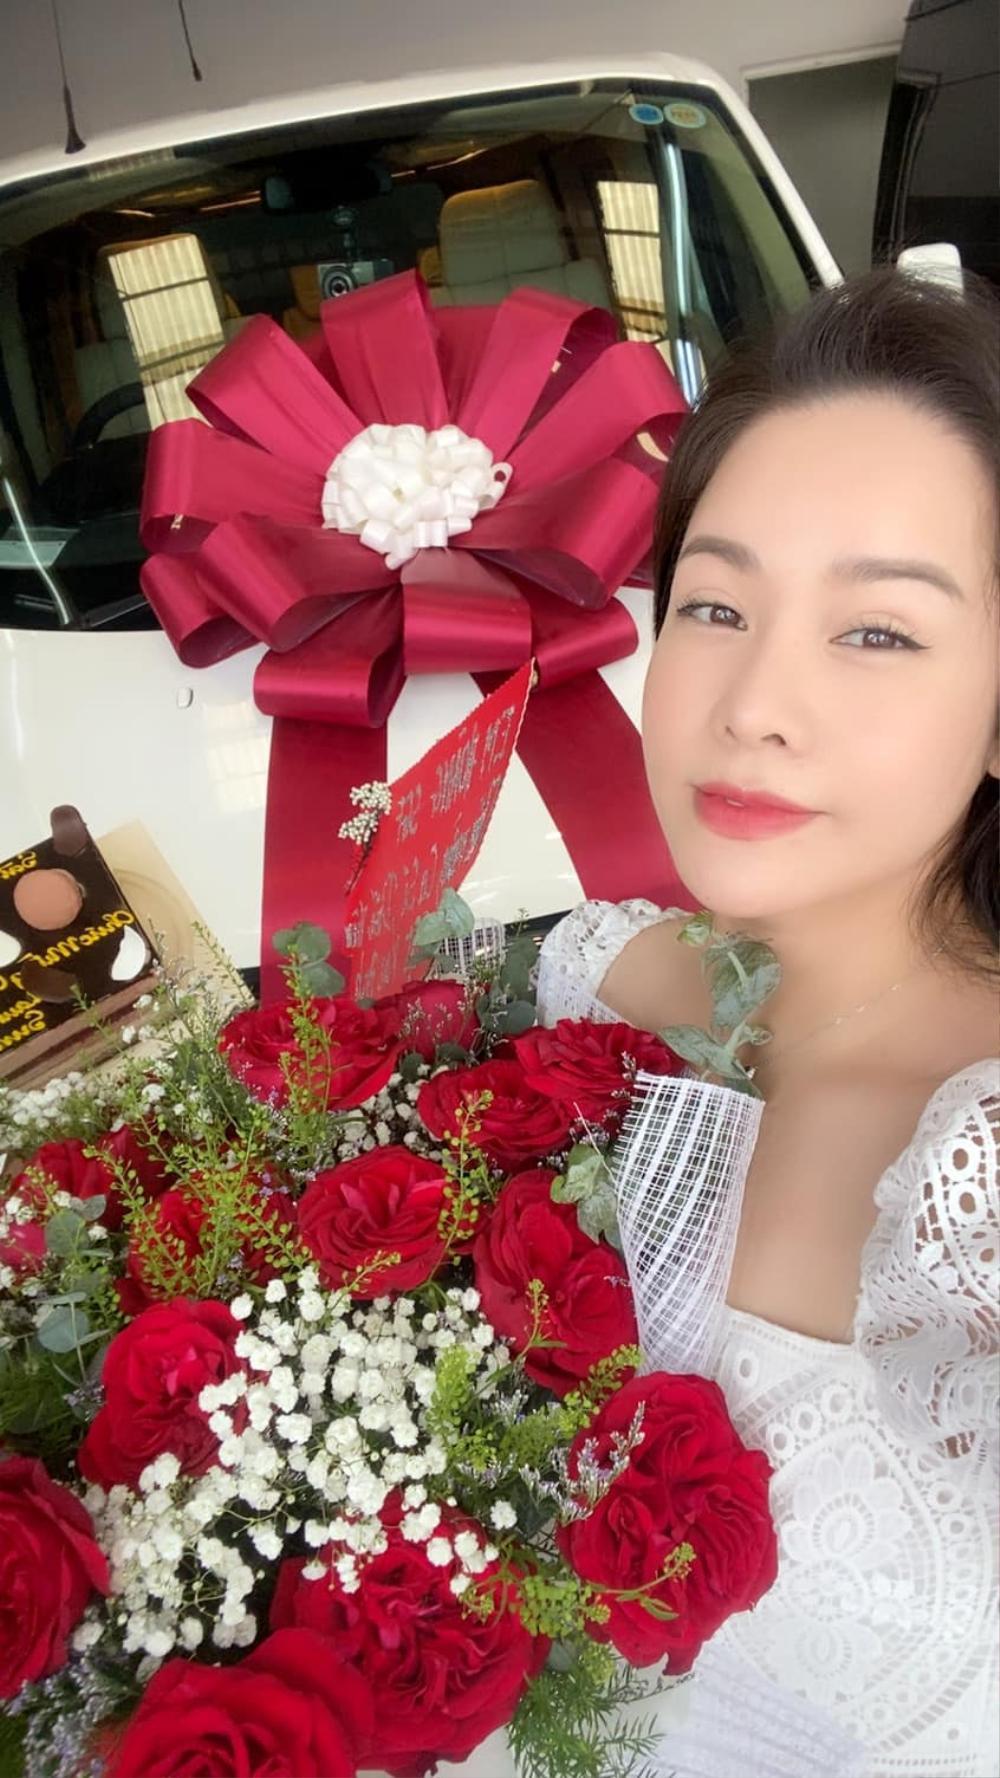 Mặc kệ ồn ào tình cảm với TiTi (HKT), Nhật Kim Anh rạng rỡ khoe xe mới tiền tỷ: Phụ nữ tự chủ tài chính vẫn là tốt nhất Ảnh 6